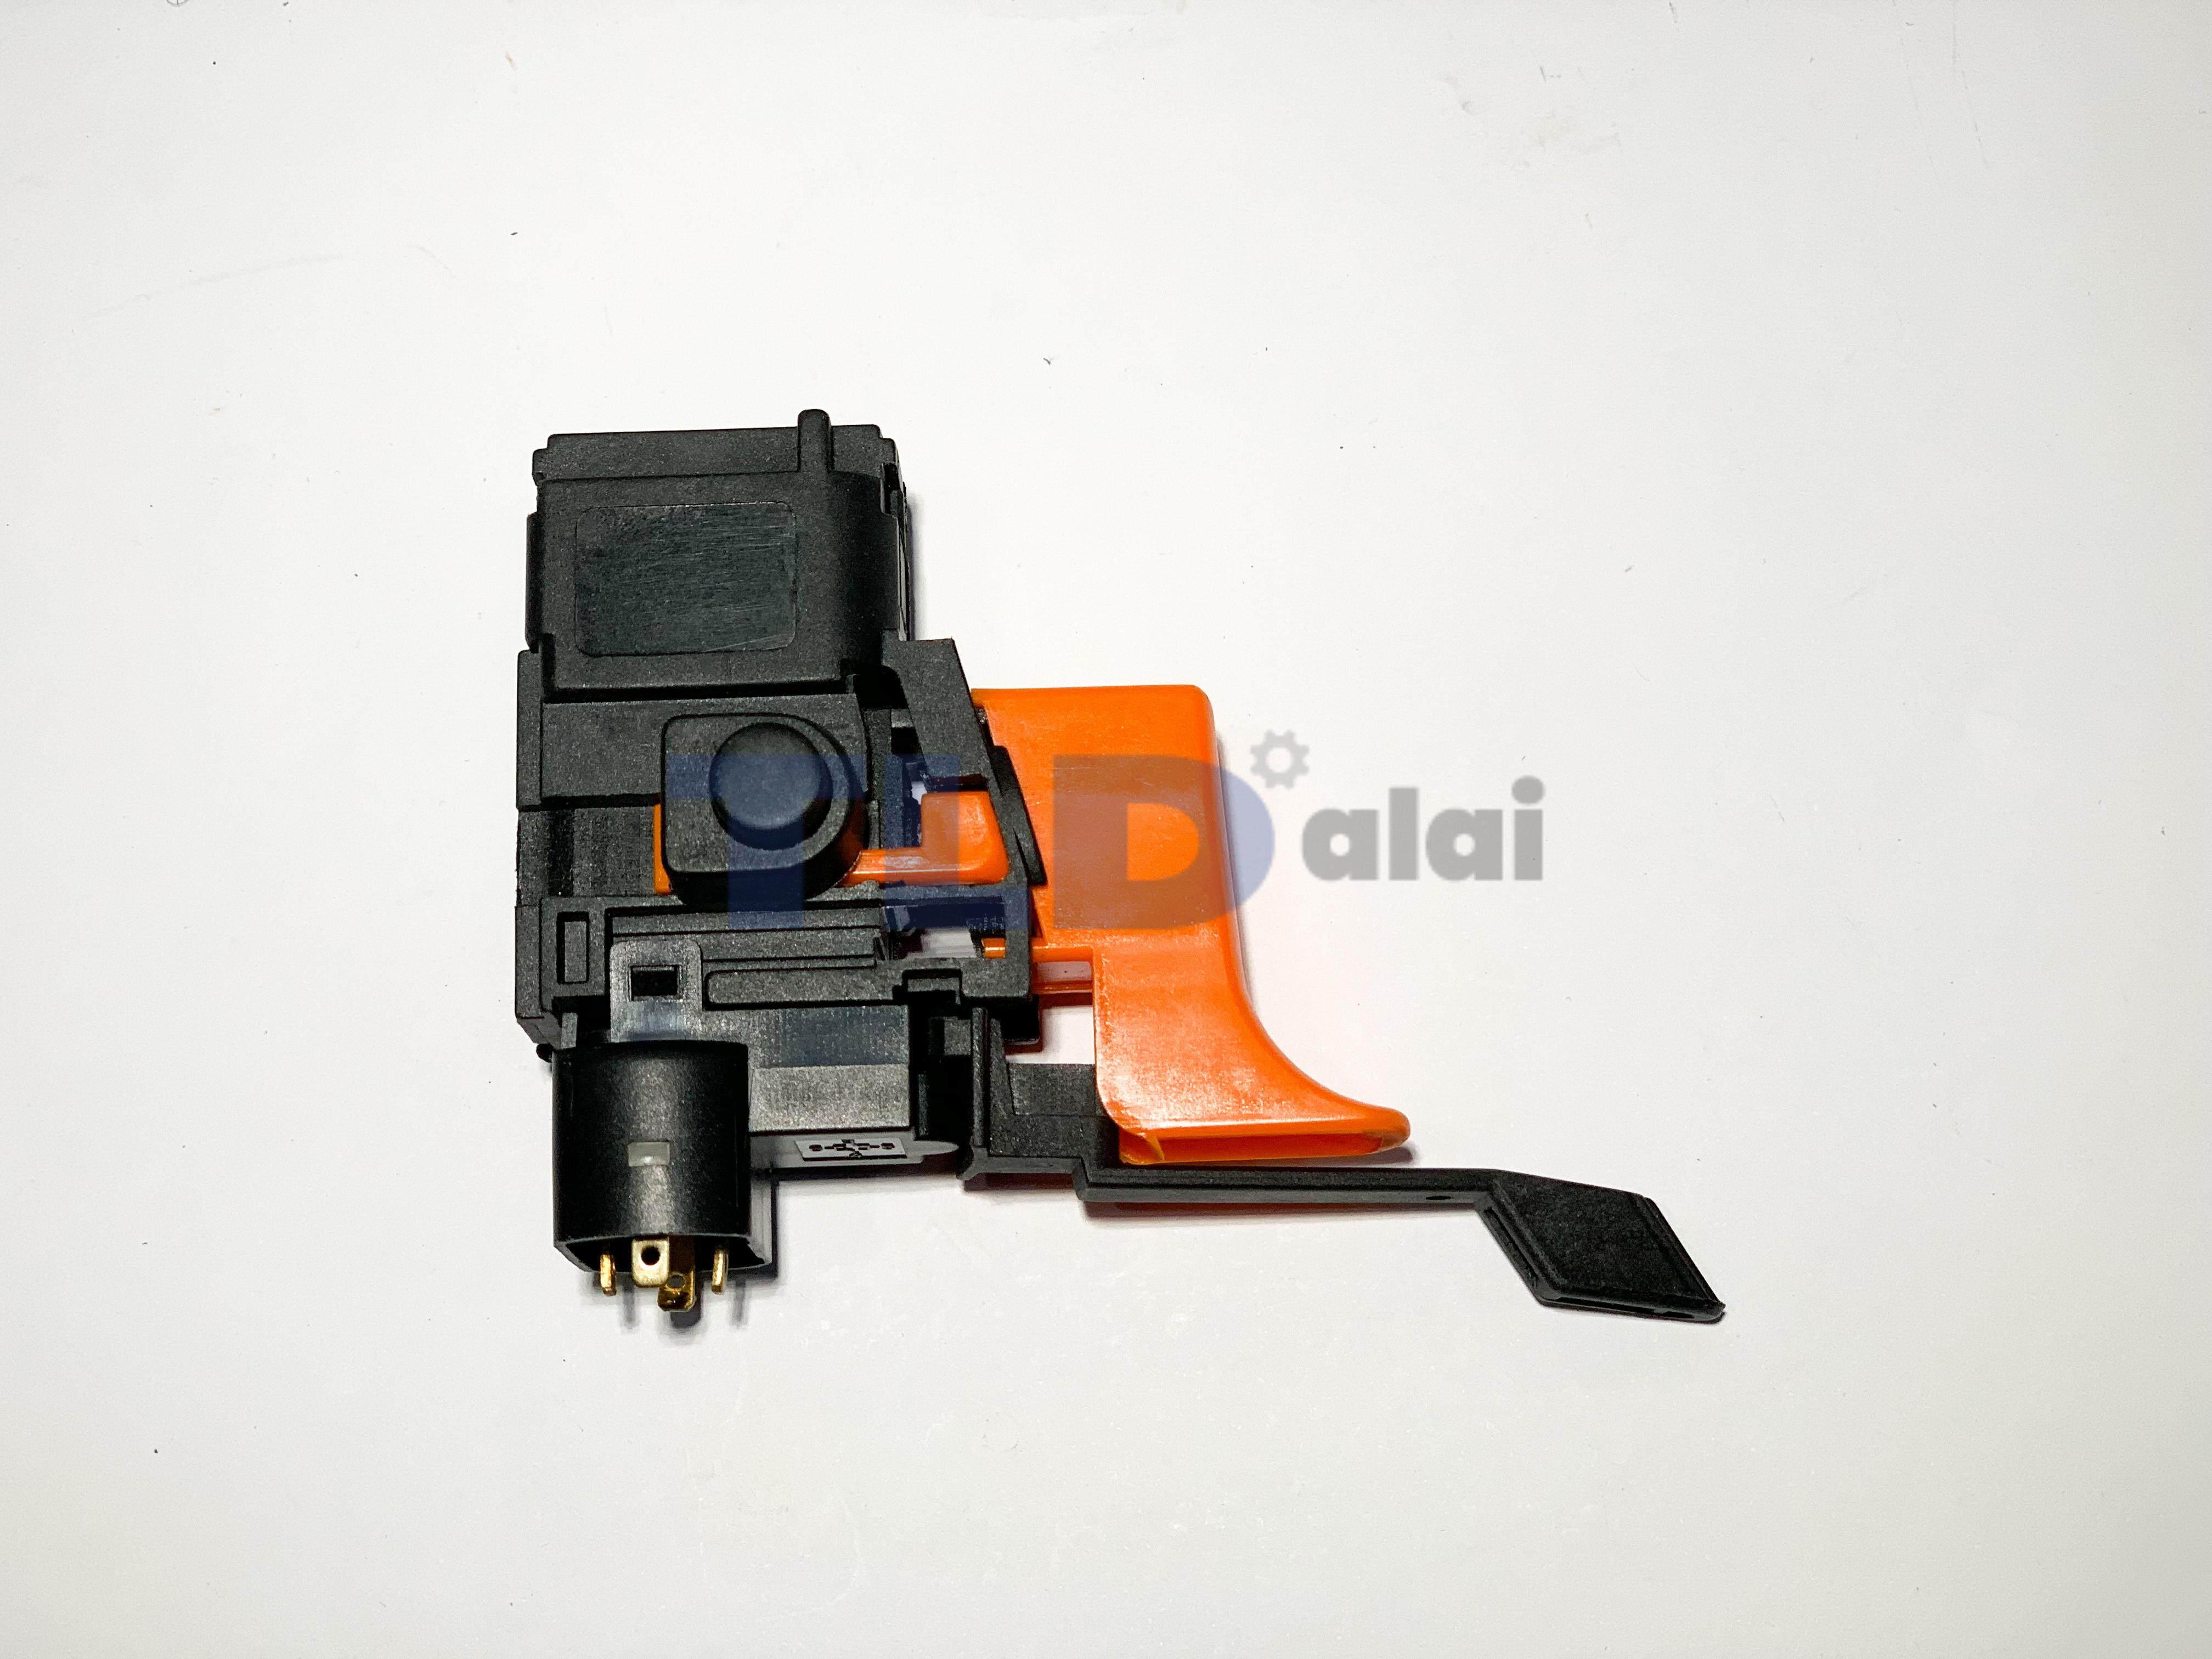 สวิทซ์ 112 สว่านโรตารี่ Bosch บอช รุ่น 2-24, Gbh2-24dfr.